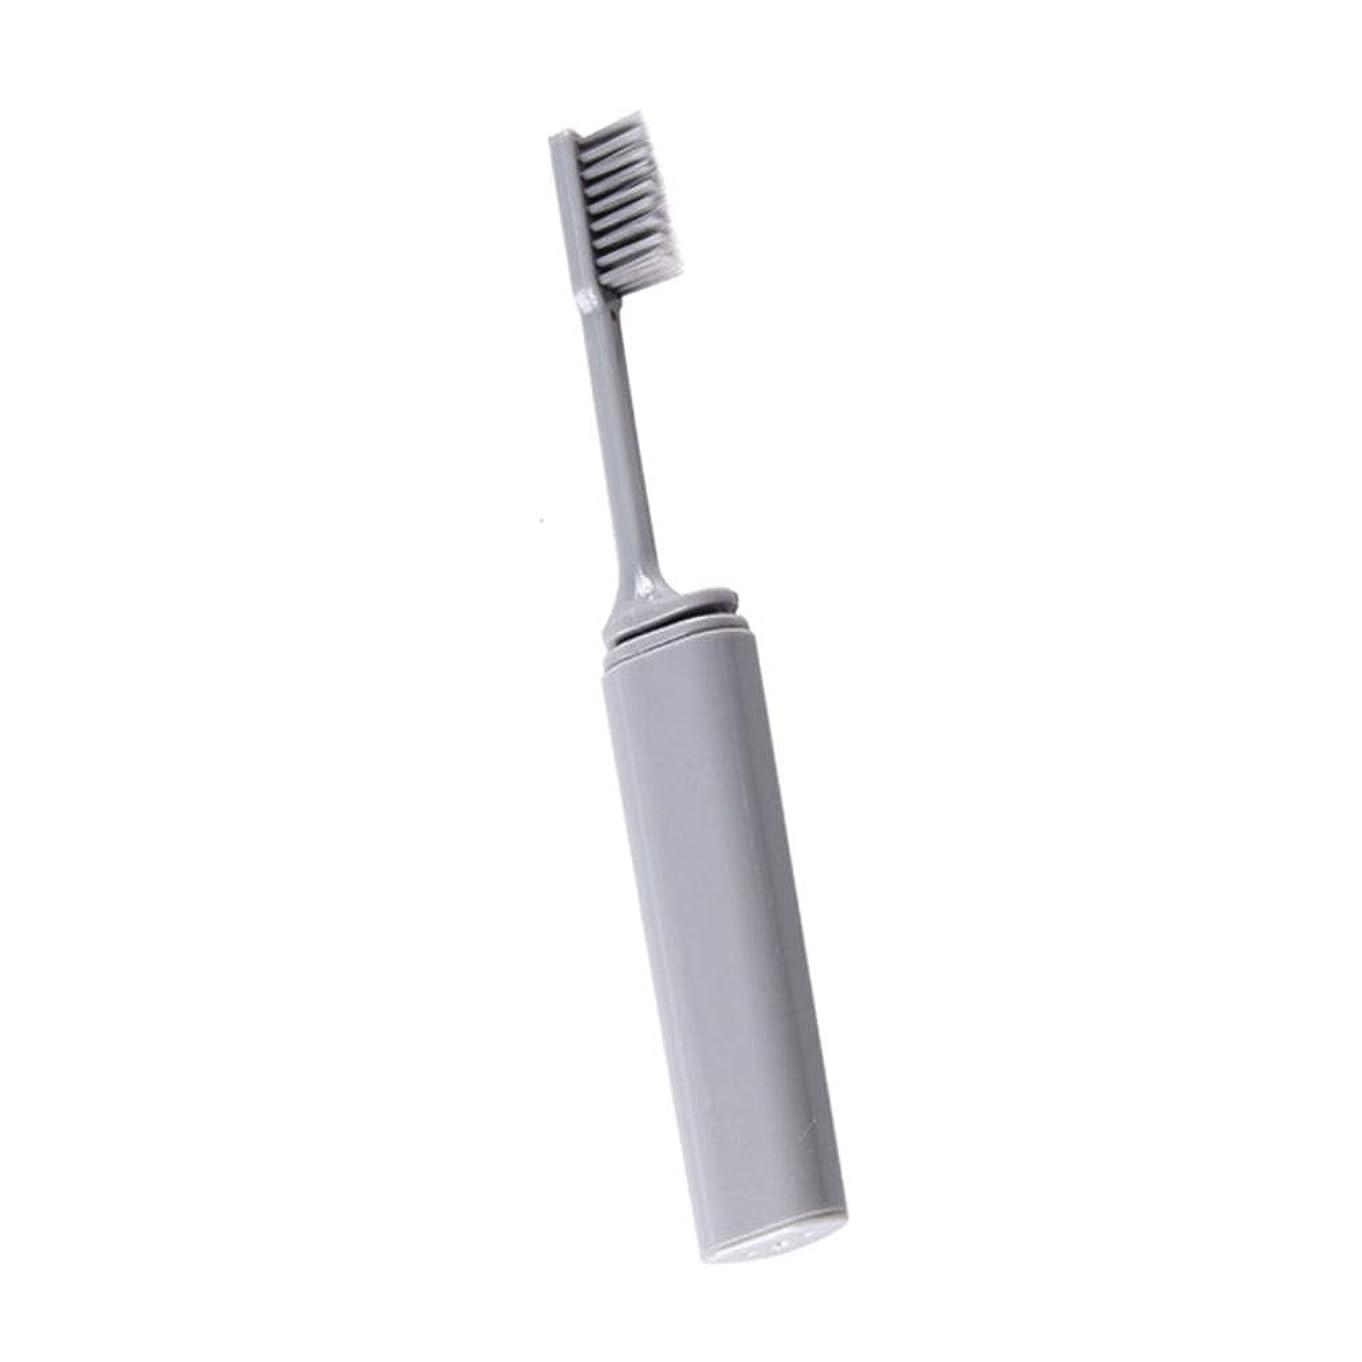 食堂論争松明Onior 旅行歯ブラシ 折りたたみ歯ブラシ 携帯歯ブラシ 外出 旅行用品, ソフト コンパクト歯ブラシ 便利 折りたたみ 耐久性 携帯用 灰色